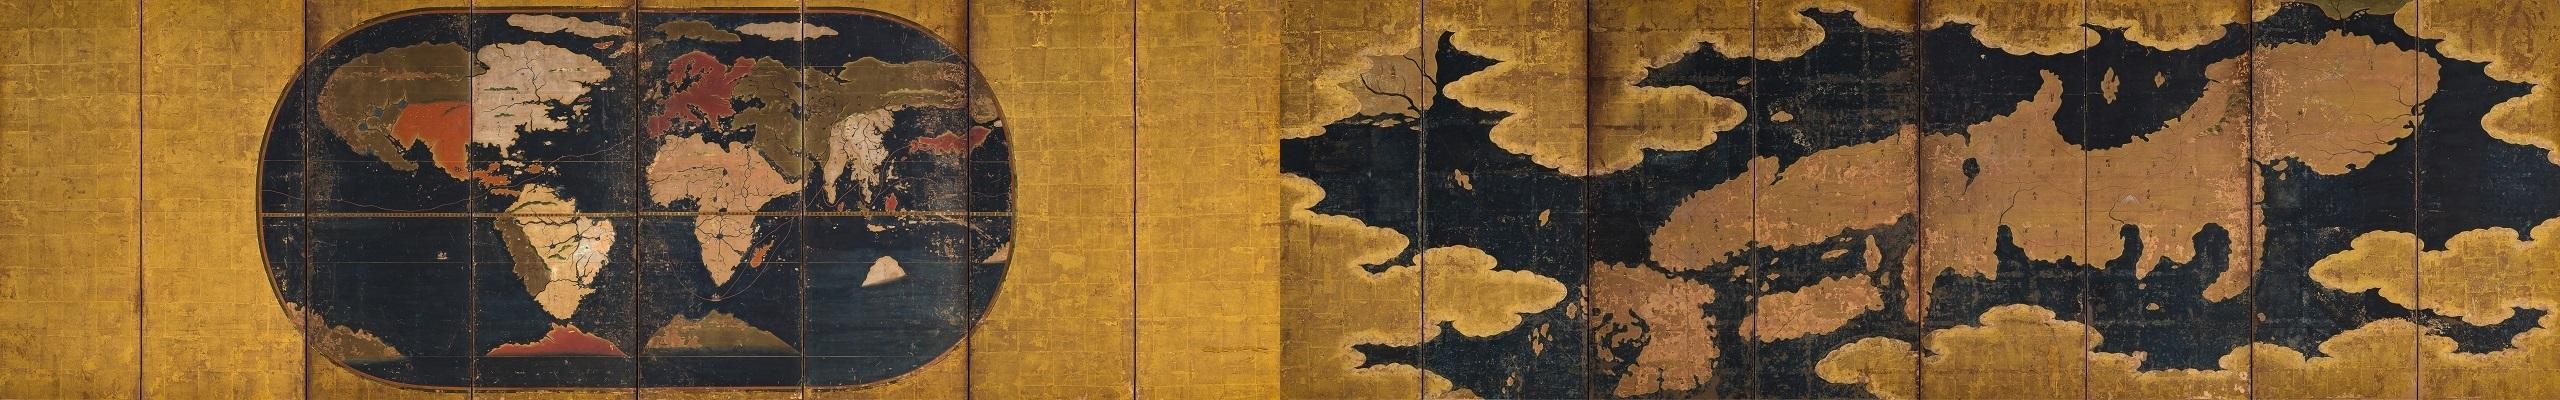 世界及日本図〈八曲屏風〉<br />(当館所蔵)